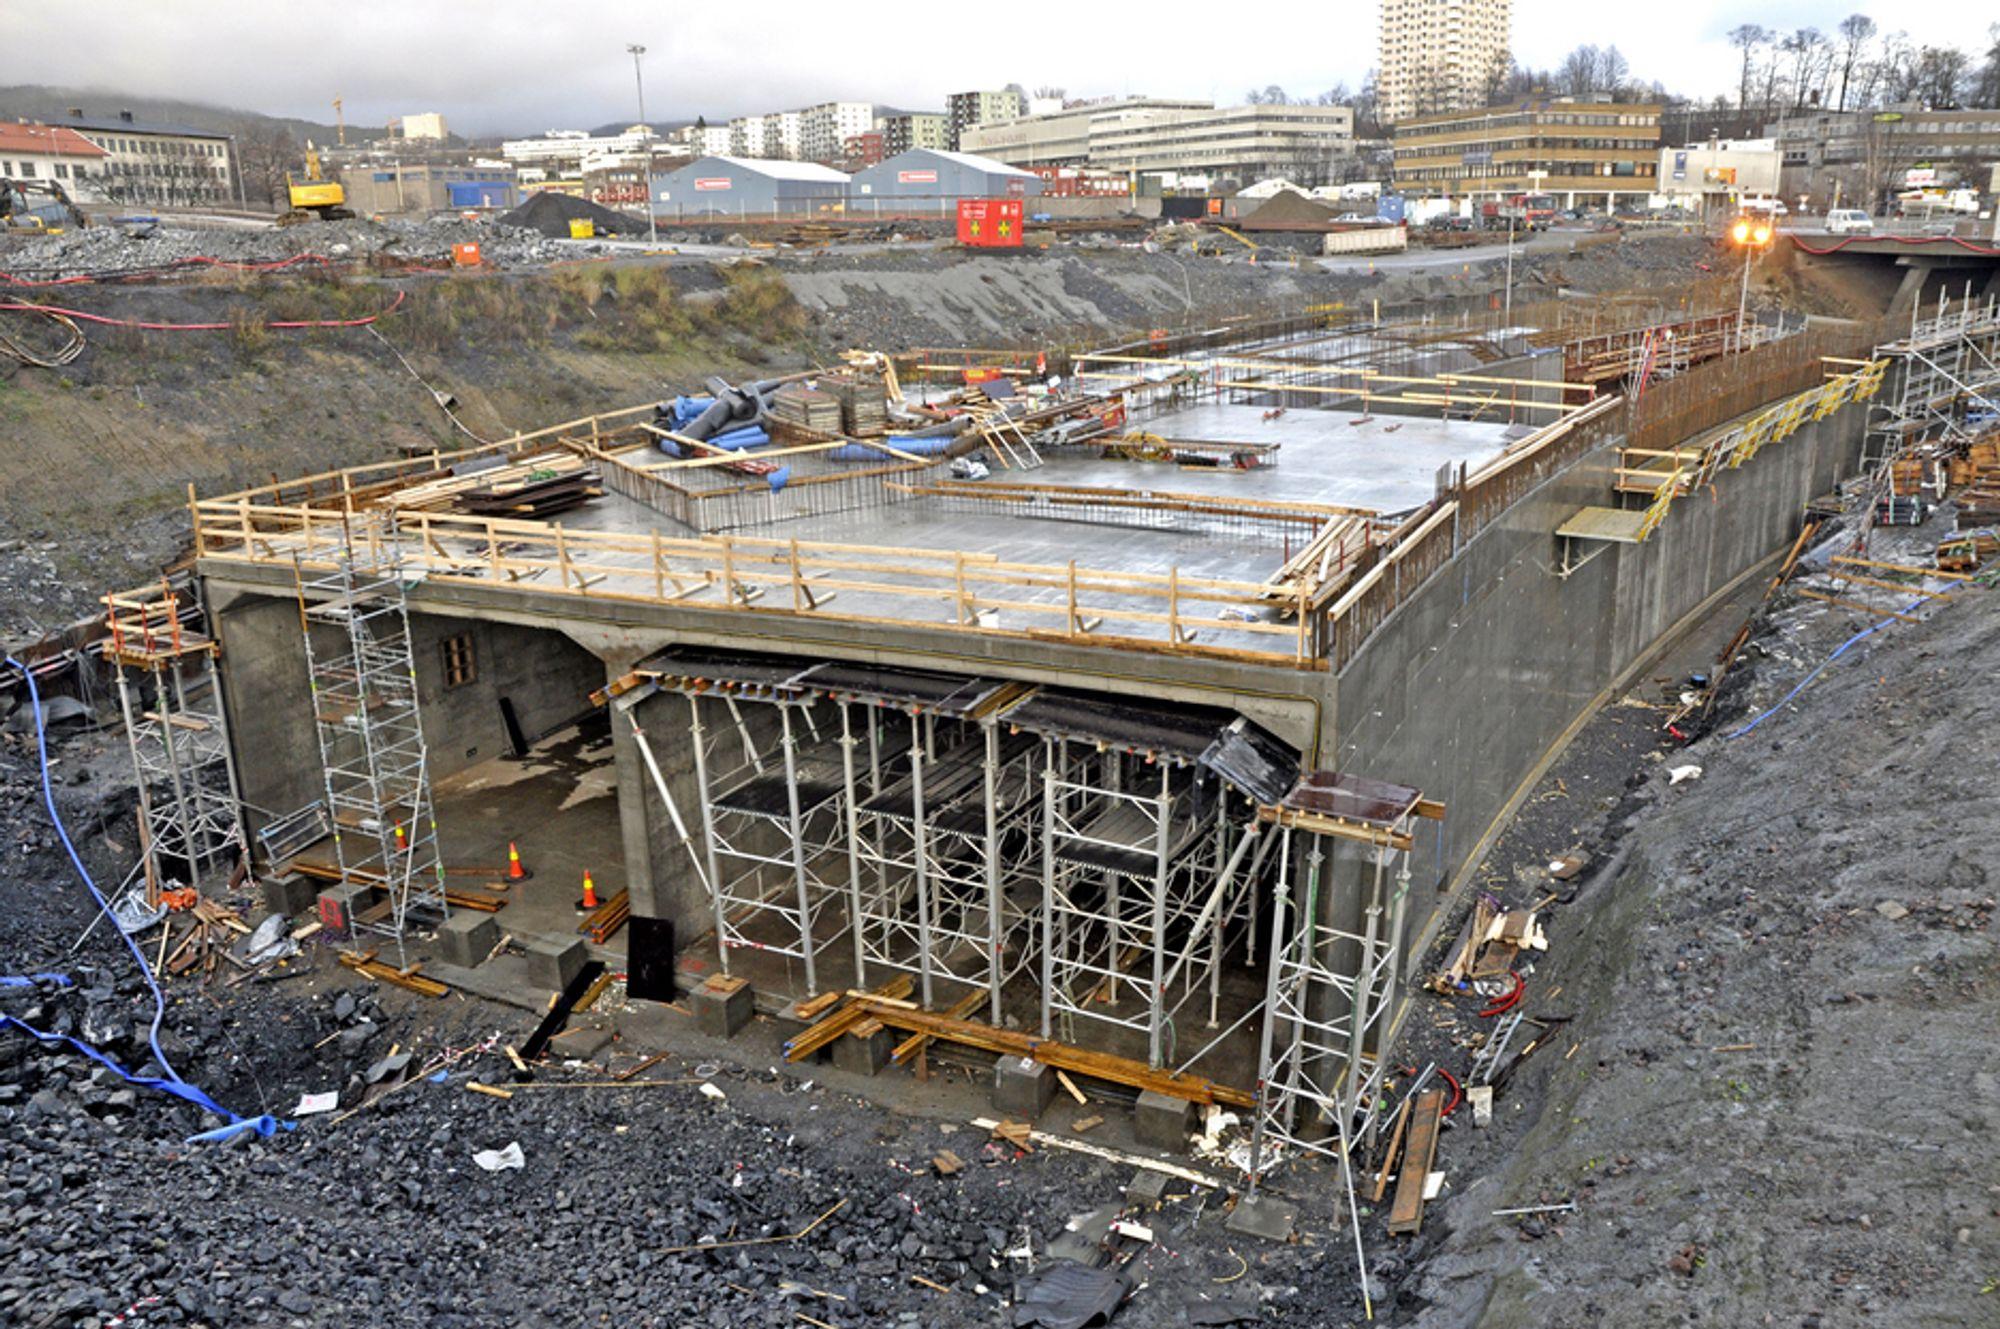 Økerntunnelen tar form i byggegropa. Når den er ferdigstøpt, skal OneCo Teksal fylle den med elektrisk utstyr og Siemens med SRO-utstyr.